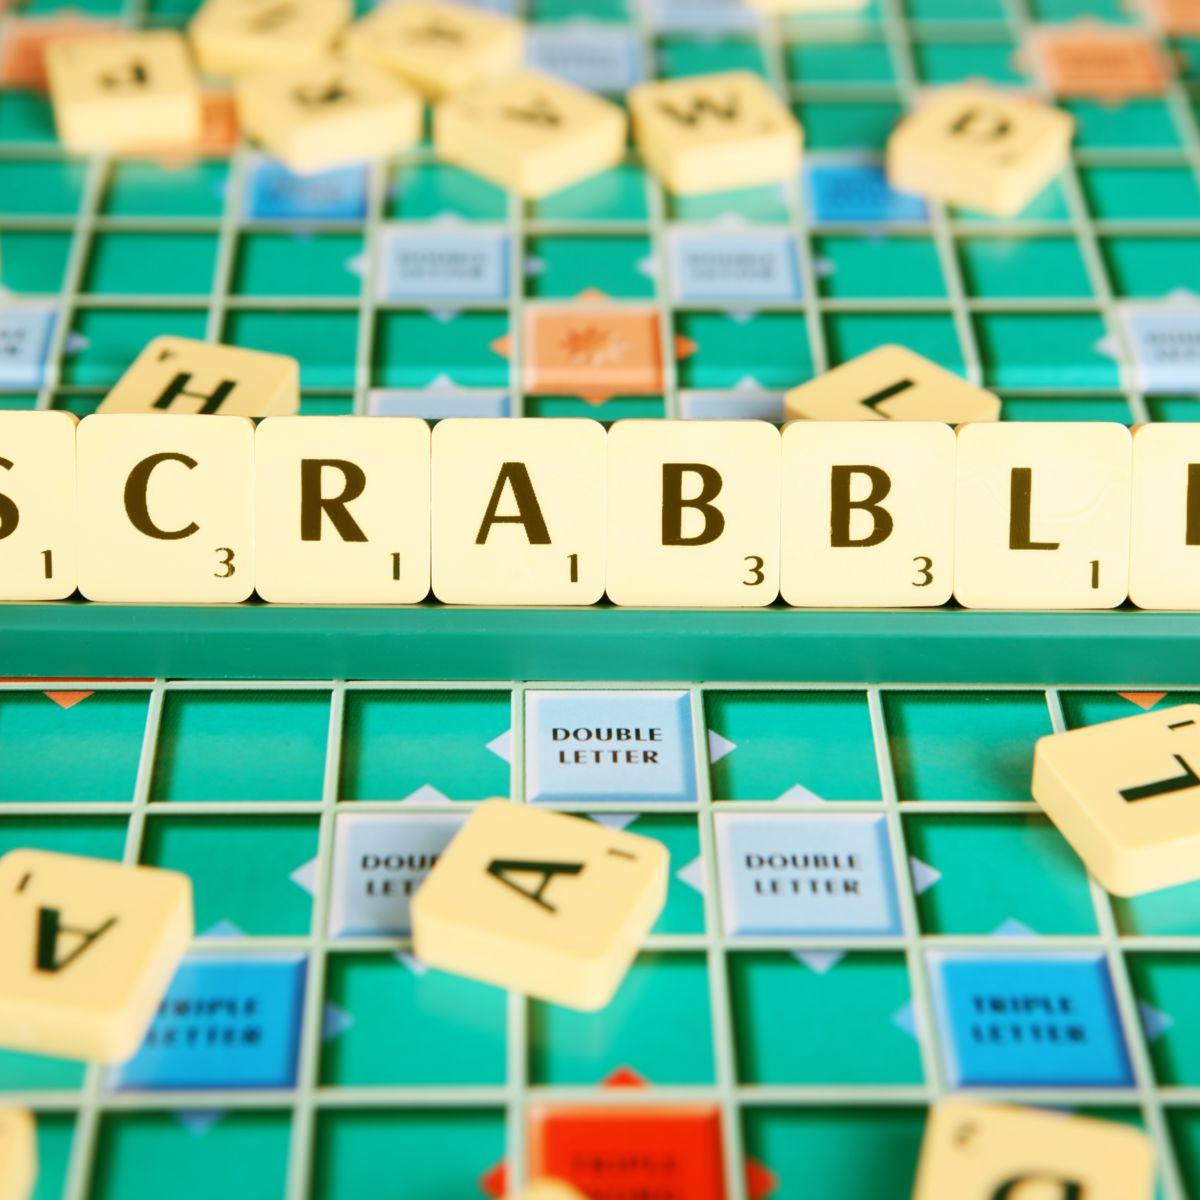 Jouer Au Scrabble En Ligne : Les Meilleurs Sites Et Applis encequiconcerne Jeux De Lettres Gratuits